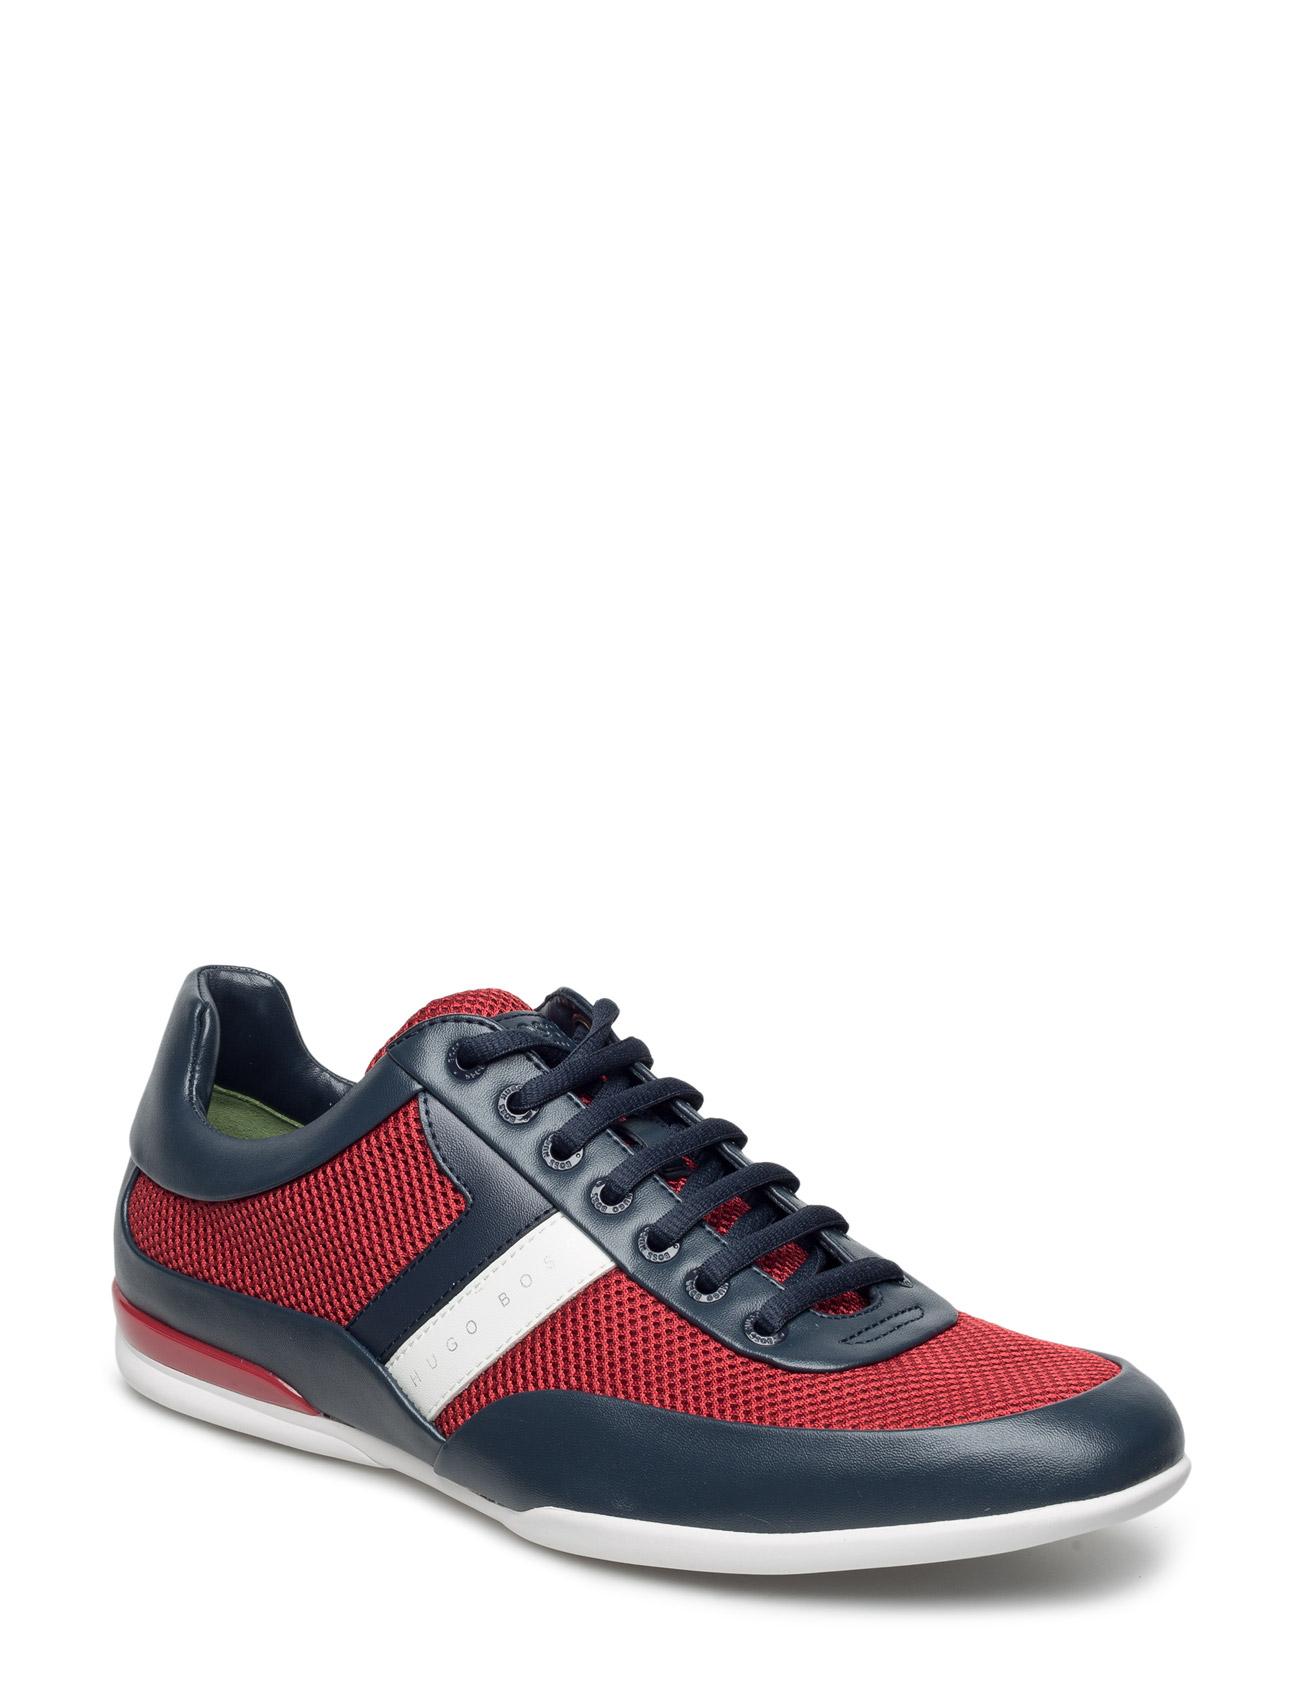 Space_lowp_syme BOSS GREEN Sneakers til Mænd i Mørkeblå